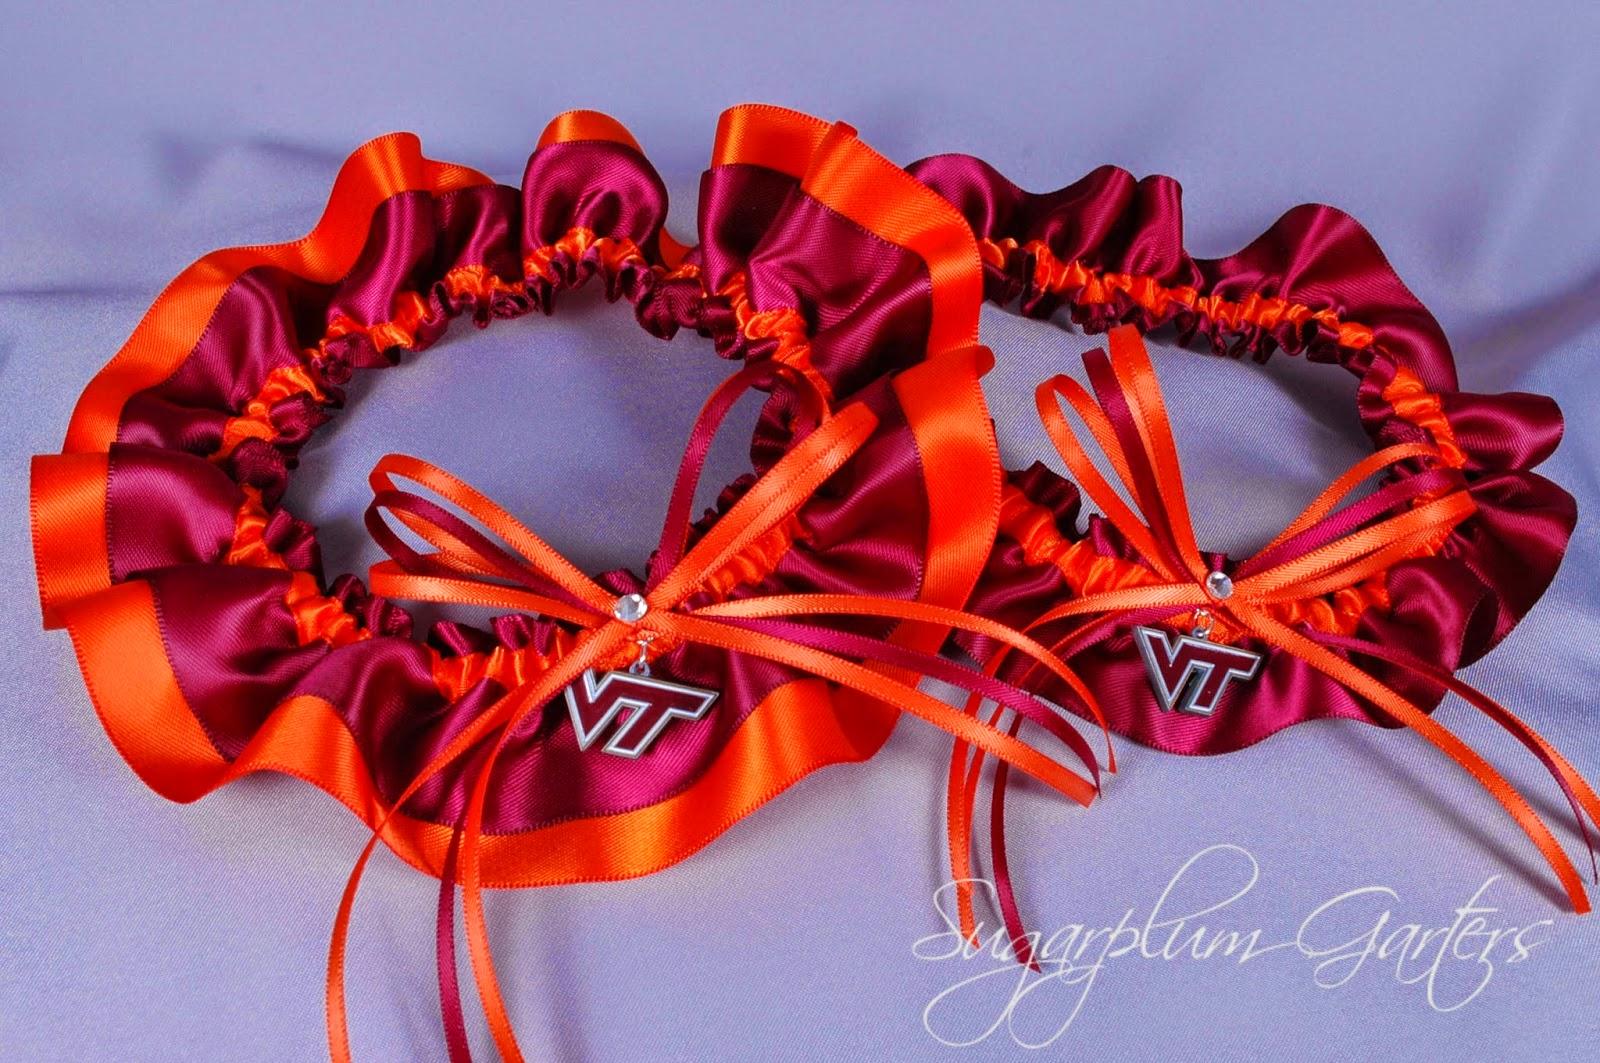 Virginia Tech Hokies Wedding Garter Set by Sugarplum Garters